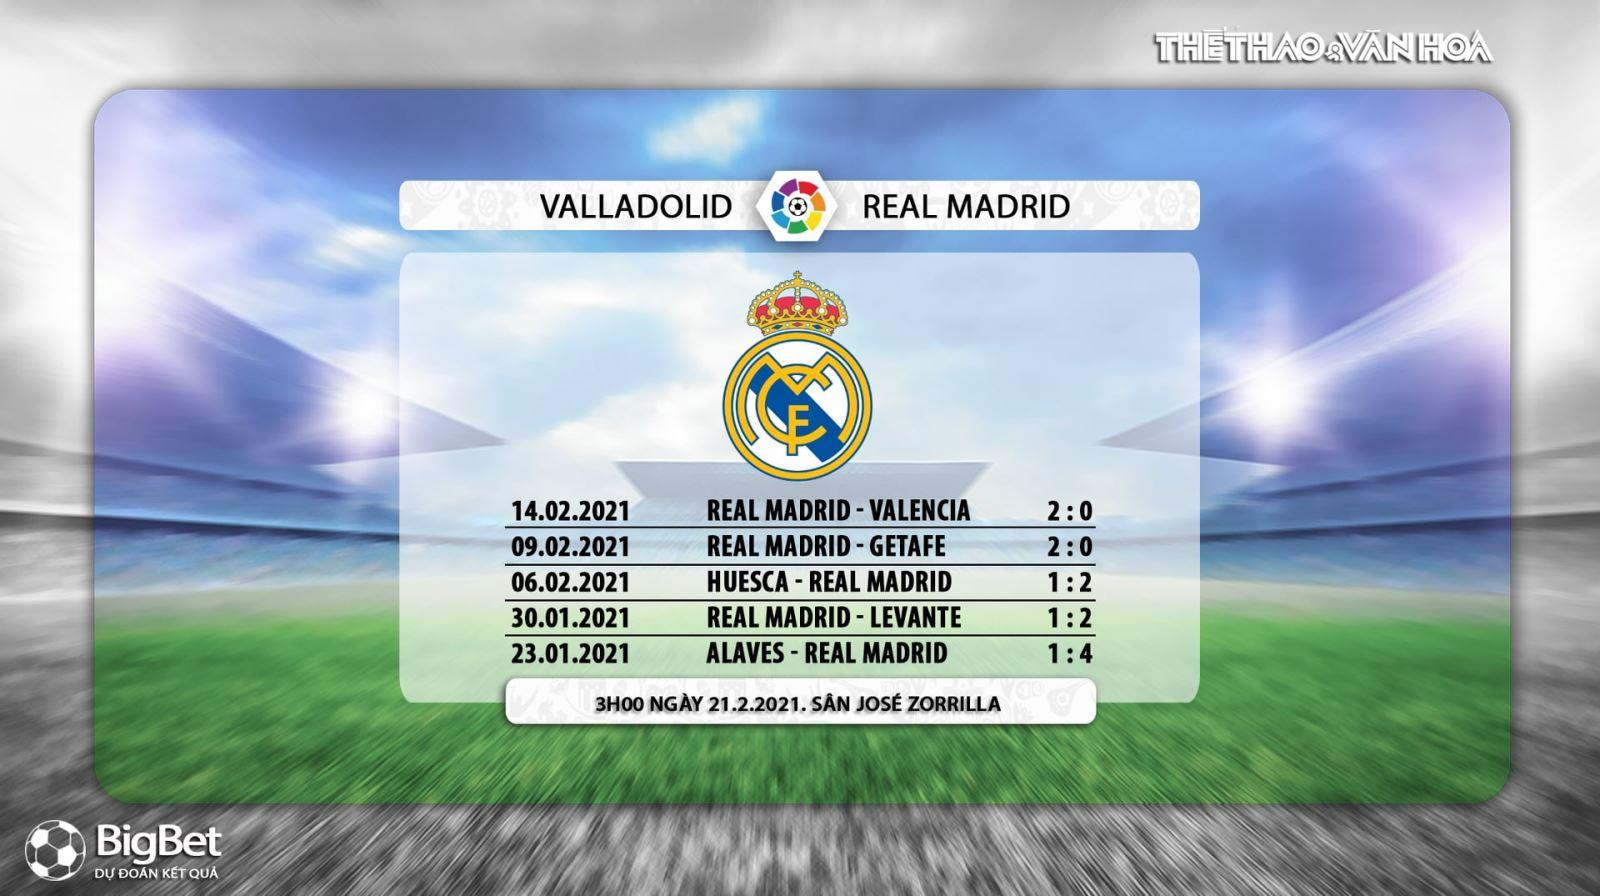 Keo nha cai, Kèo nhà cái,Valladolid vs Real Madrid, BĐTV trực tiếp bóng đá Tây Ban Nha, xem trực tiếp bóng đá La Liga, truc tiep bong da Tay Ban Nha, kèo Real Madrid